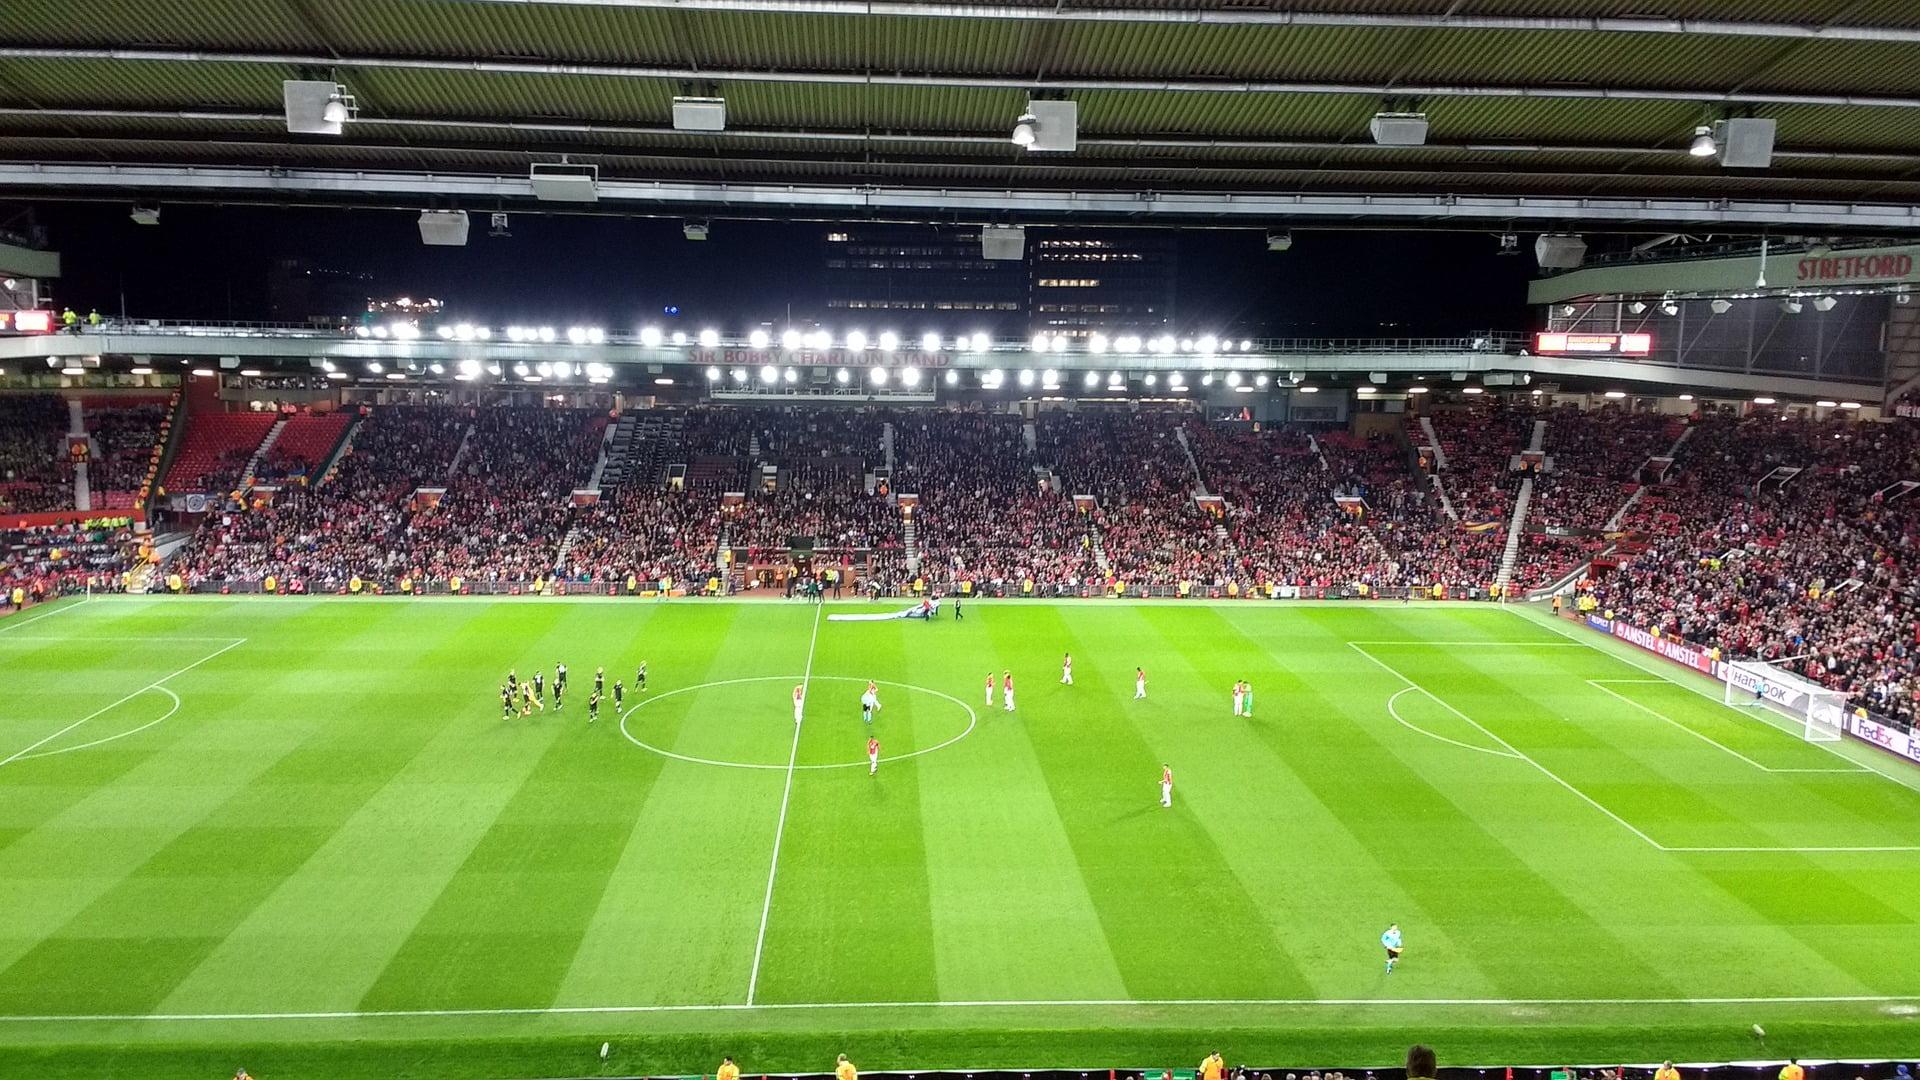 W co się zaopatrzyć idąc na mecz piłkarski, czyli przegląd gadżetów prawdziwego kibica